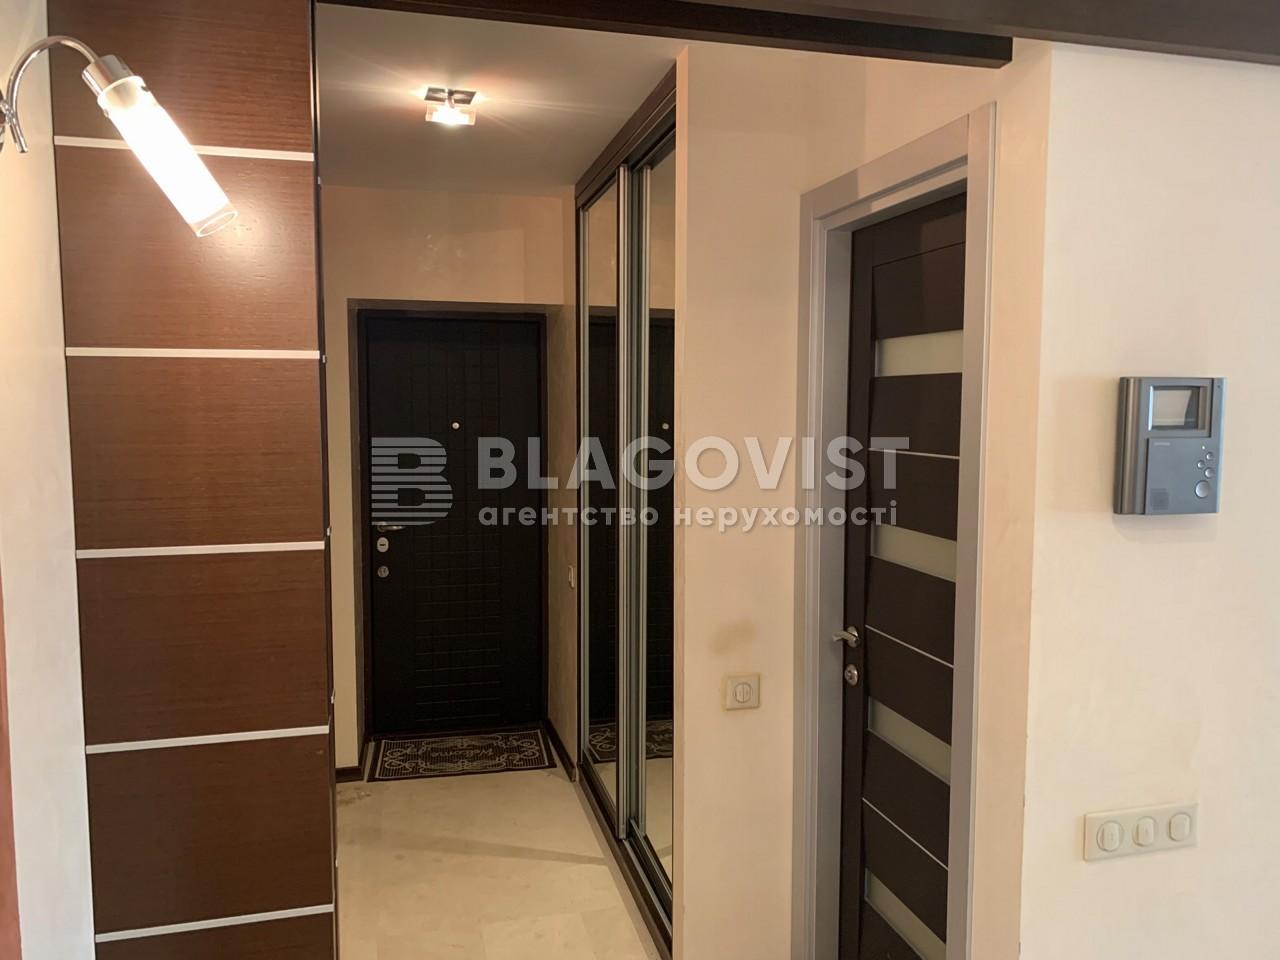 Квартира R-25704, Героев Сталинграда просп., 14, Киев - Фото 20